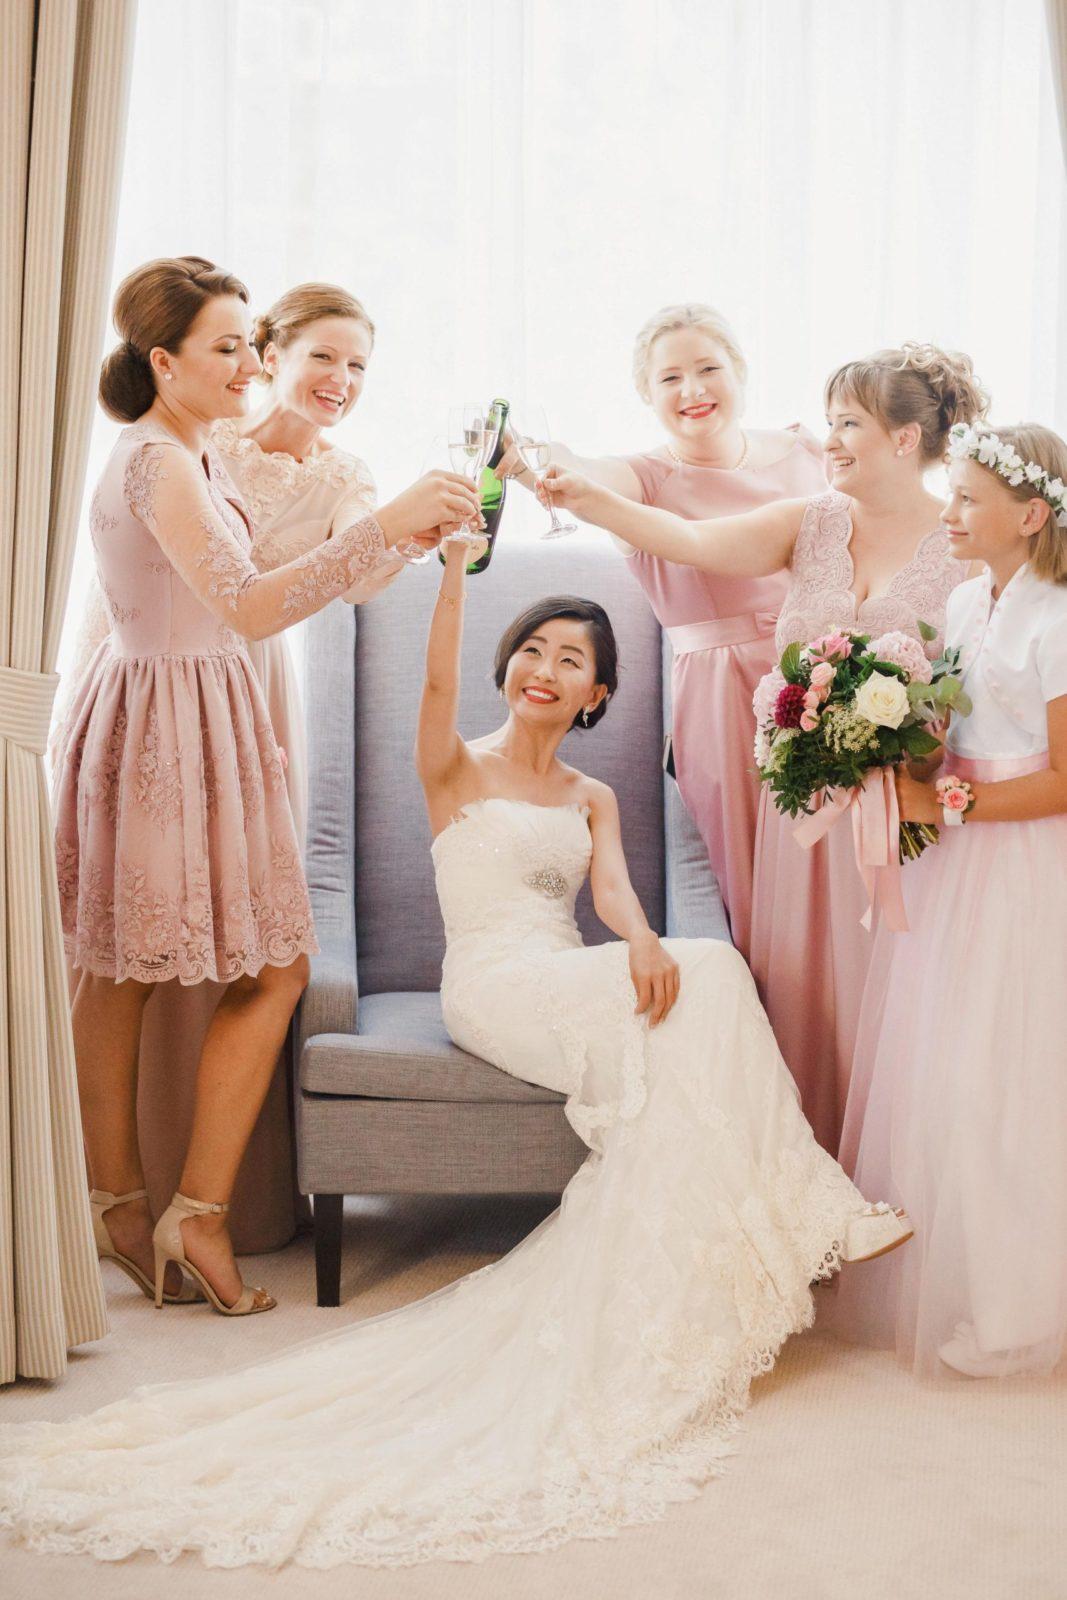 Nevesta sedí na púdrovom modrom kresle a pripíja si šampanským s piatimi družičkami. Družičkovské šaty sú v púdrovej ružovej farbe.